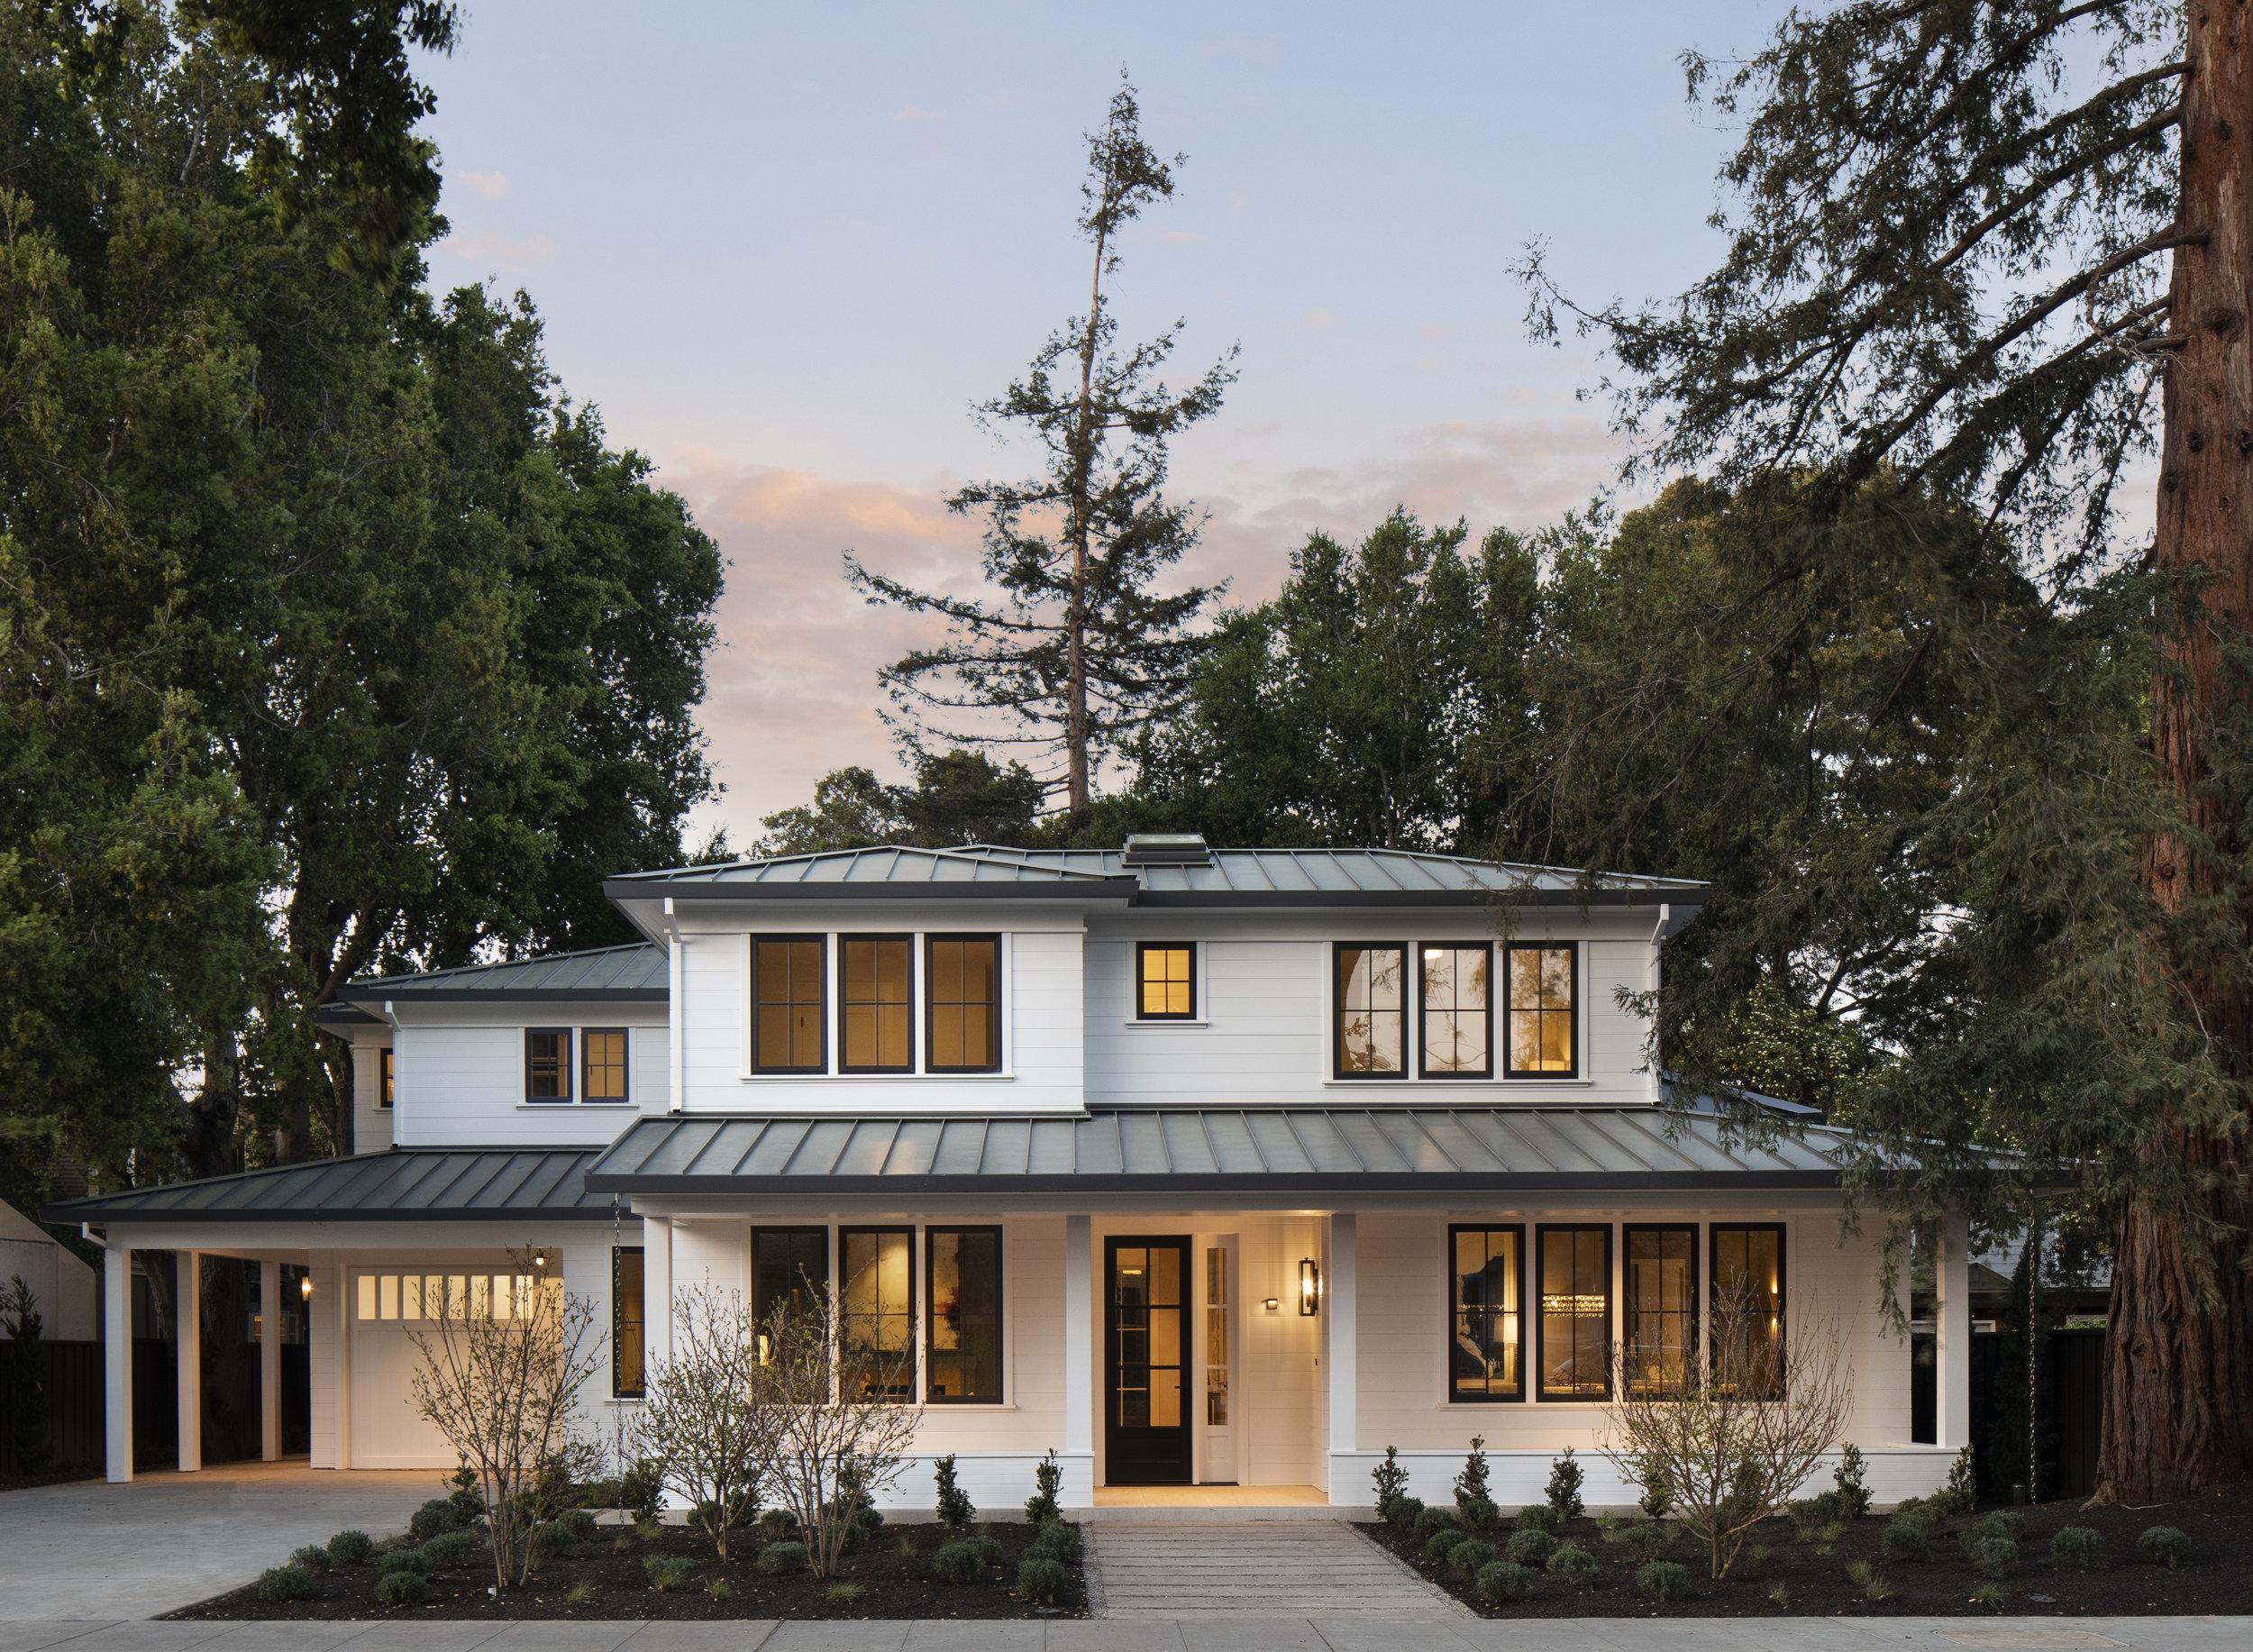 $8,700,000 | 1211 Byron St., Palo Alto